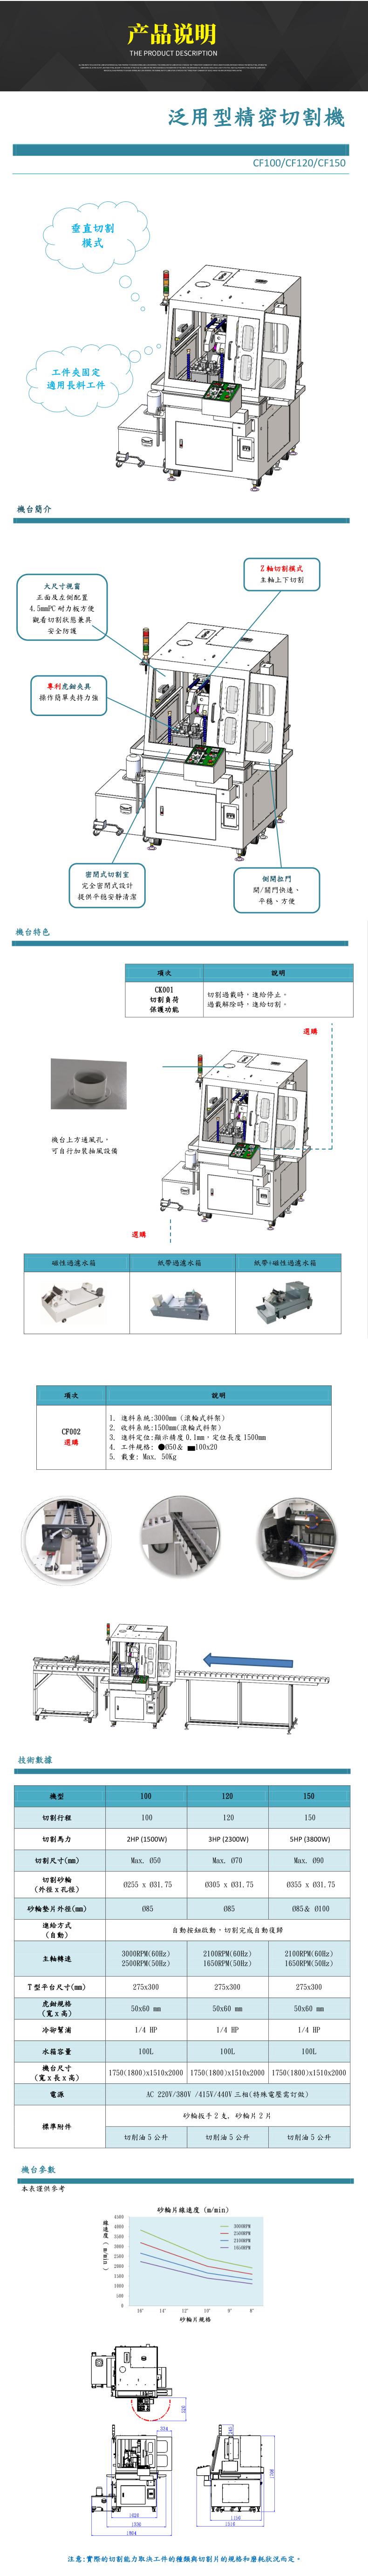 CF系列精密金相切割机产品说明